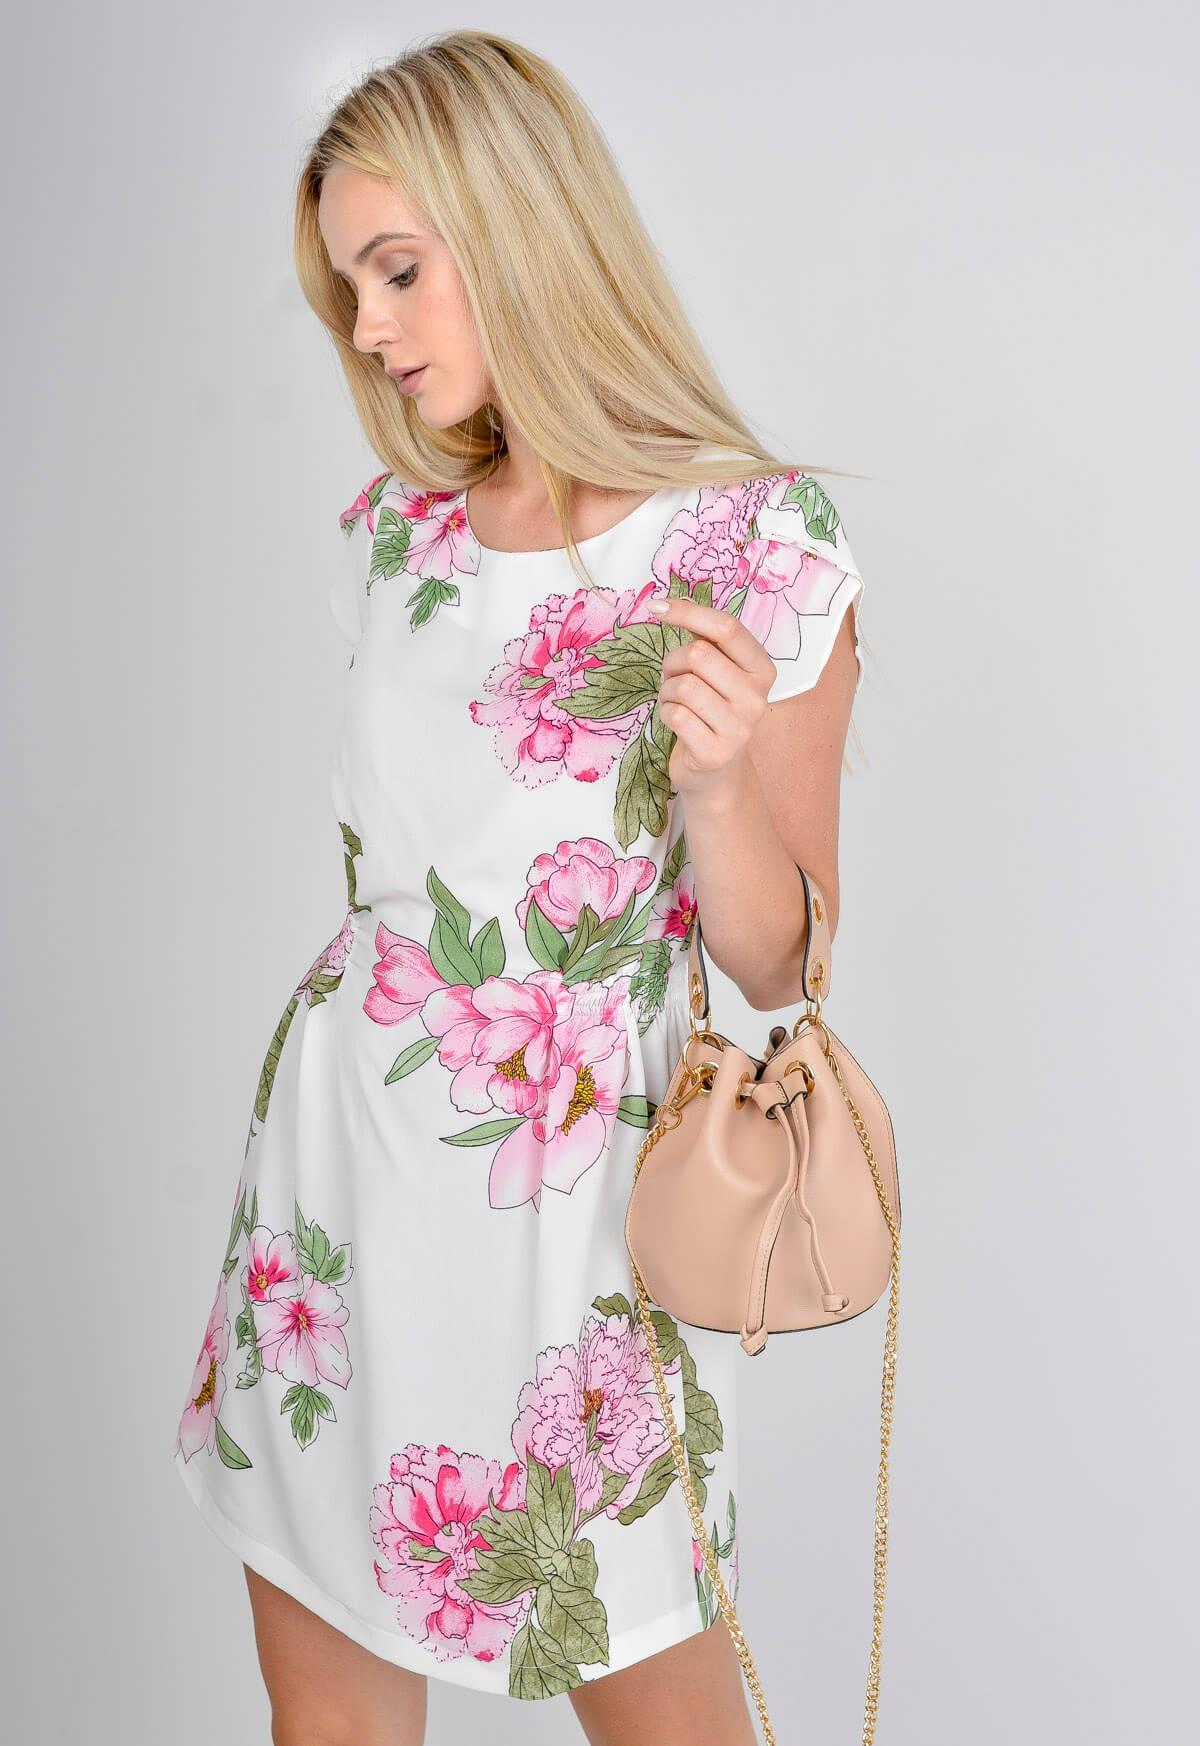 7a2347def4 Letnia sukienka w duże kwiaty ściągana w talii - 7399023050 ...